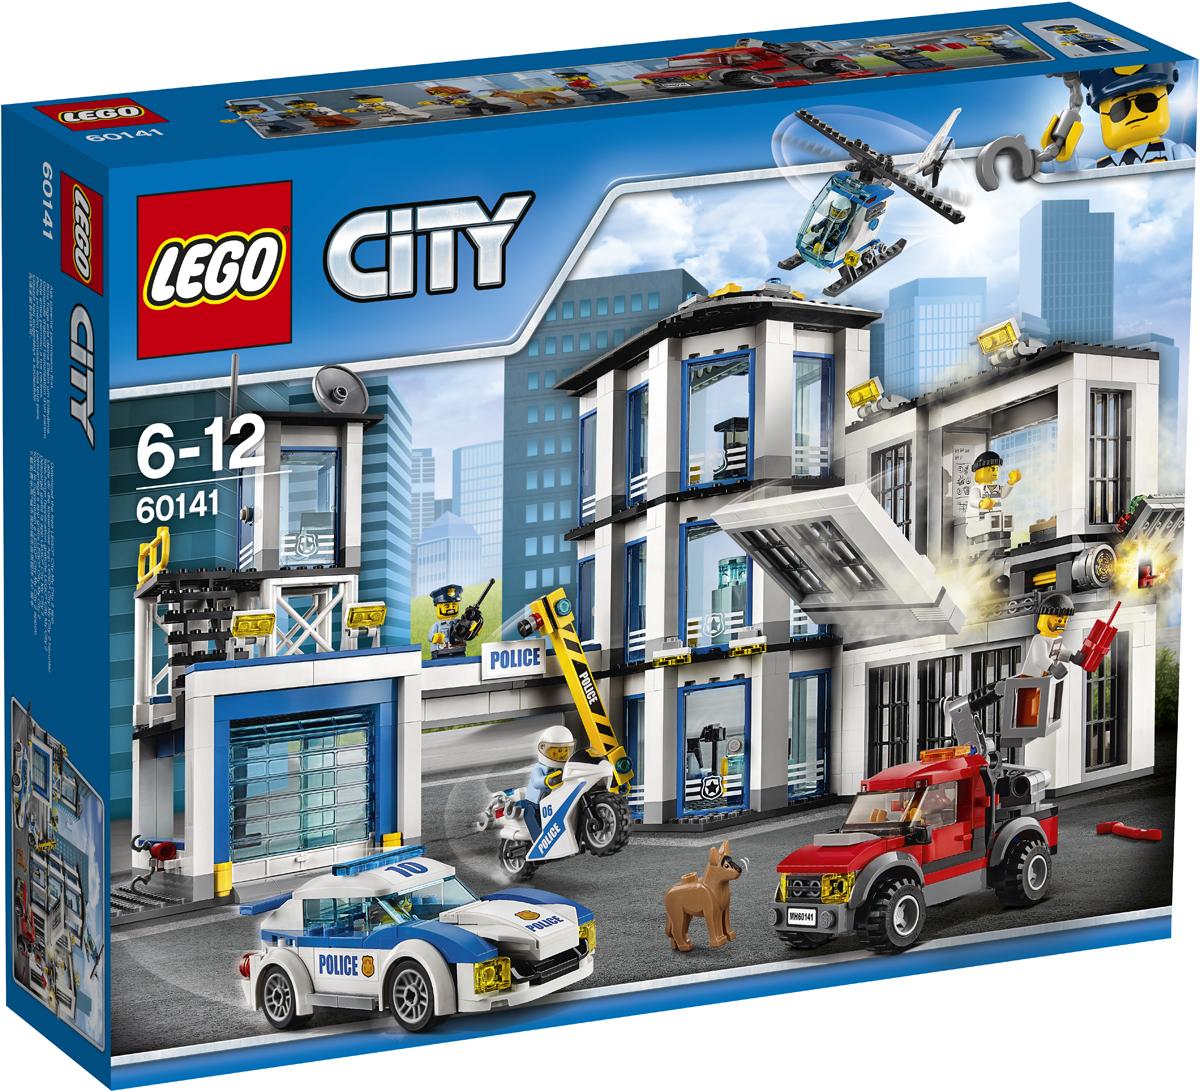 LEGO City Конструктор Полицейский участок 60141